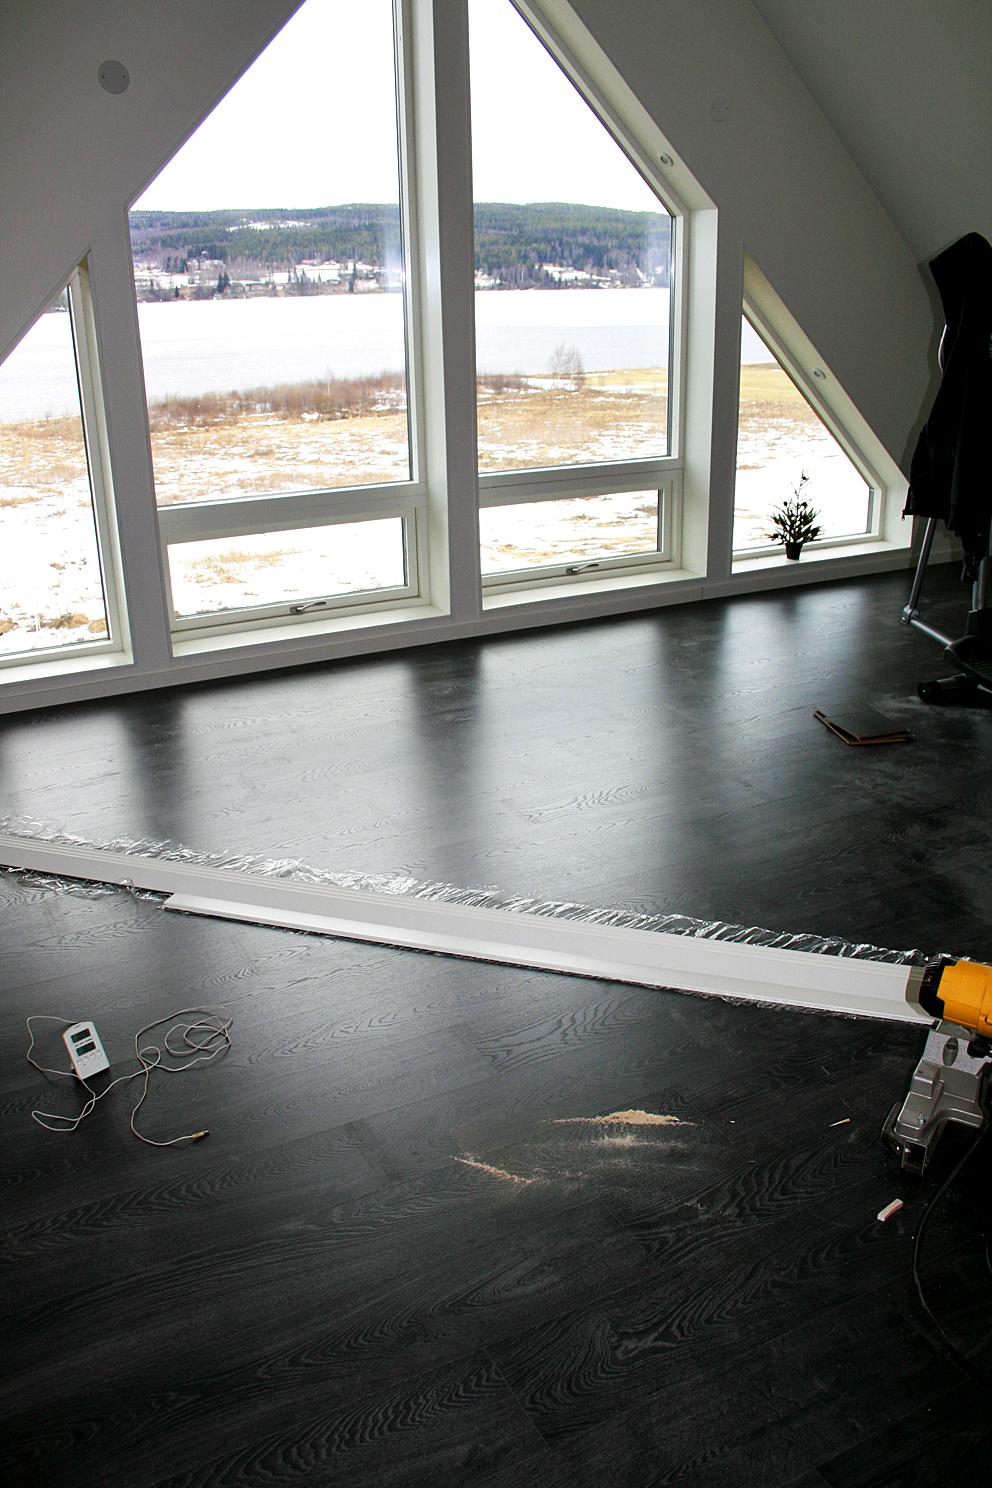 Speckstahuset: golv på övervåningen!